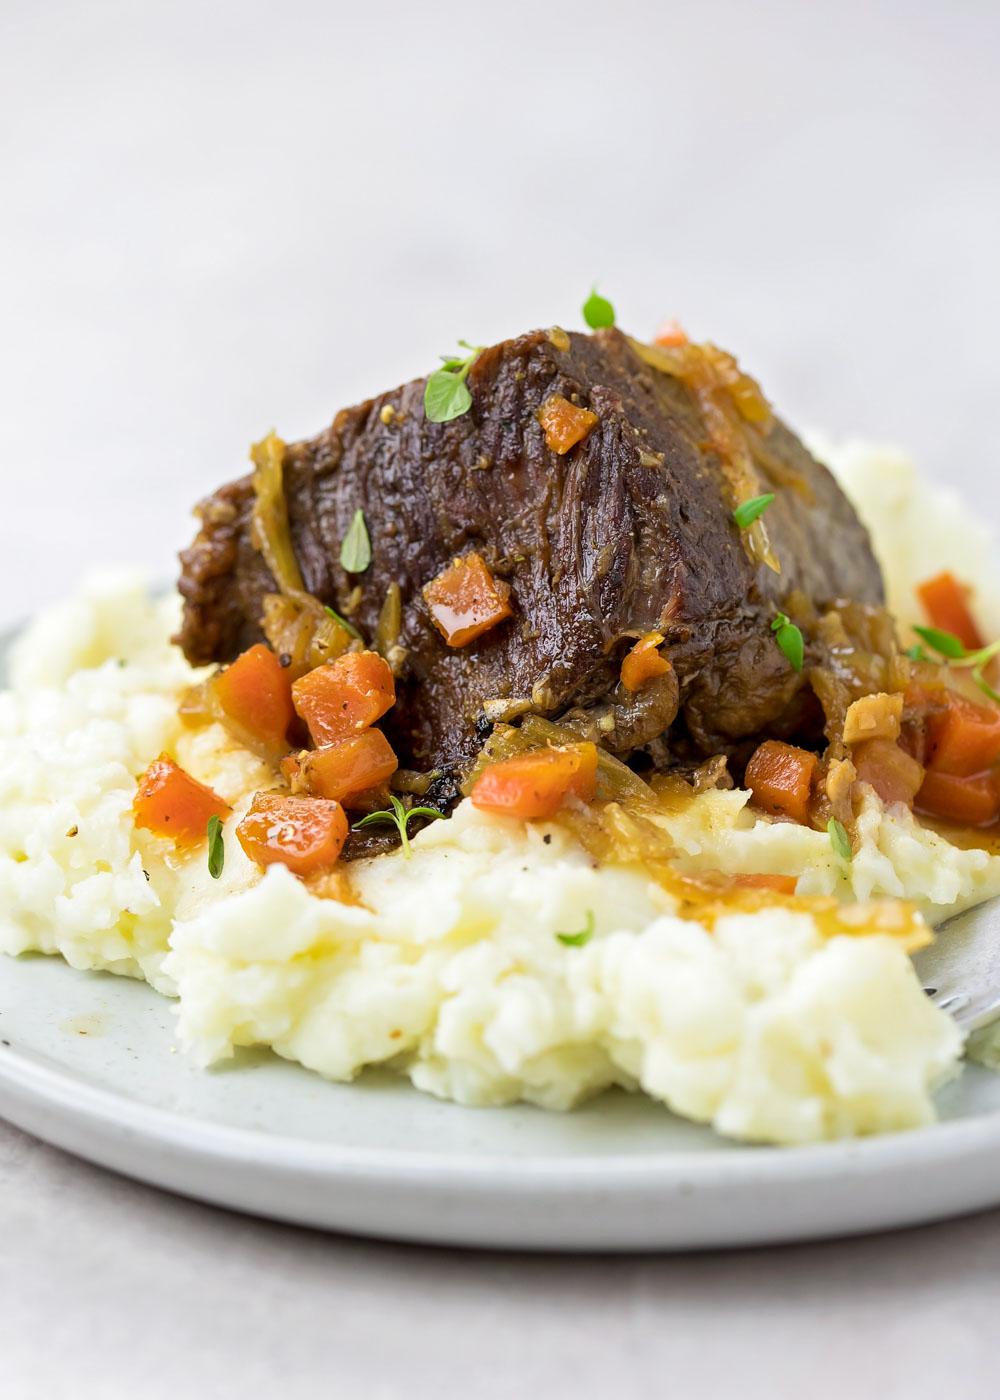 Instant Pot short ribs recipe